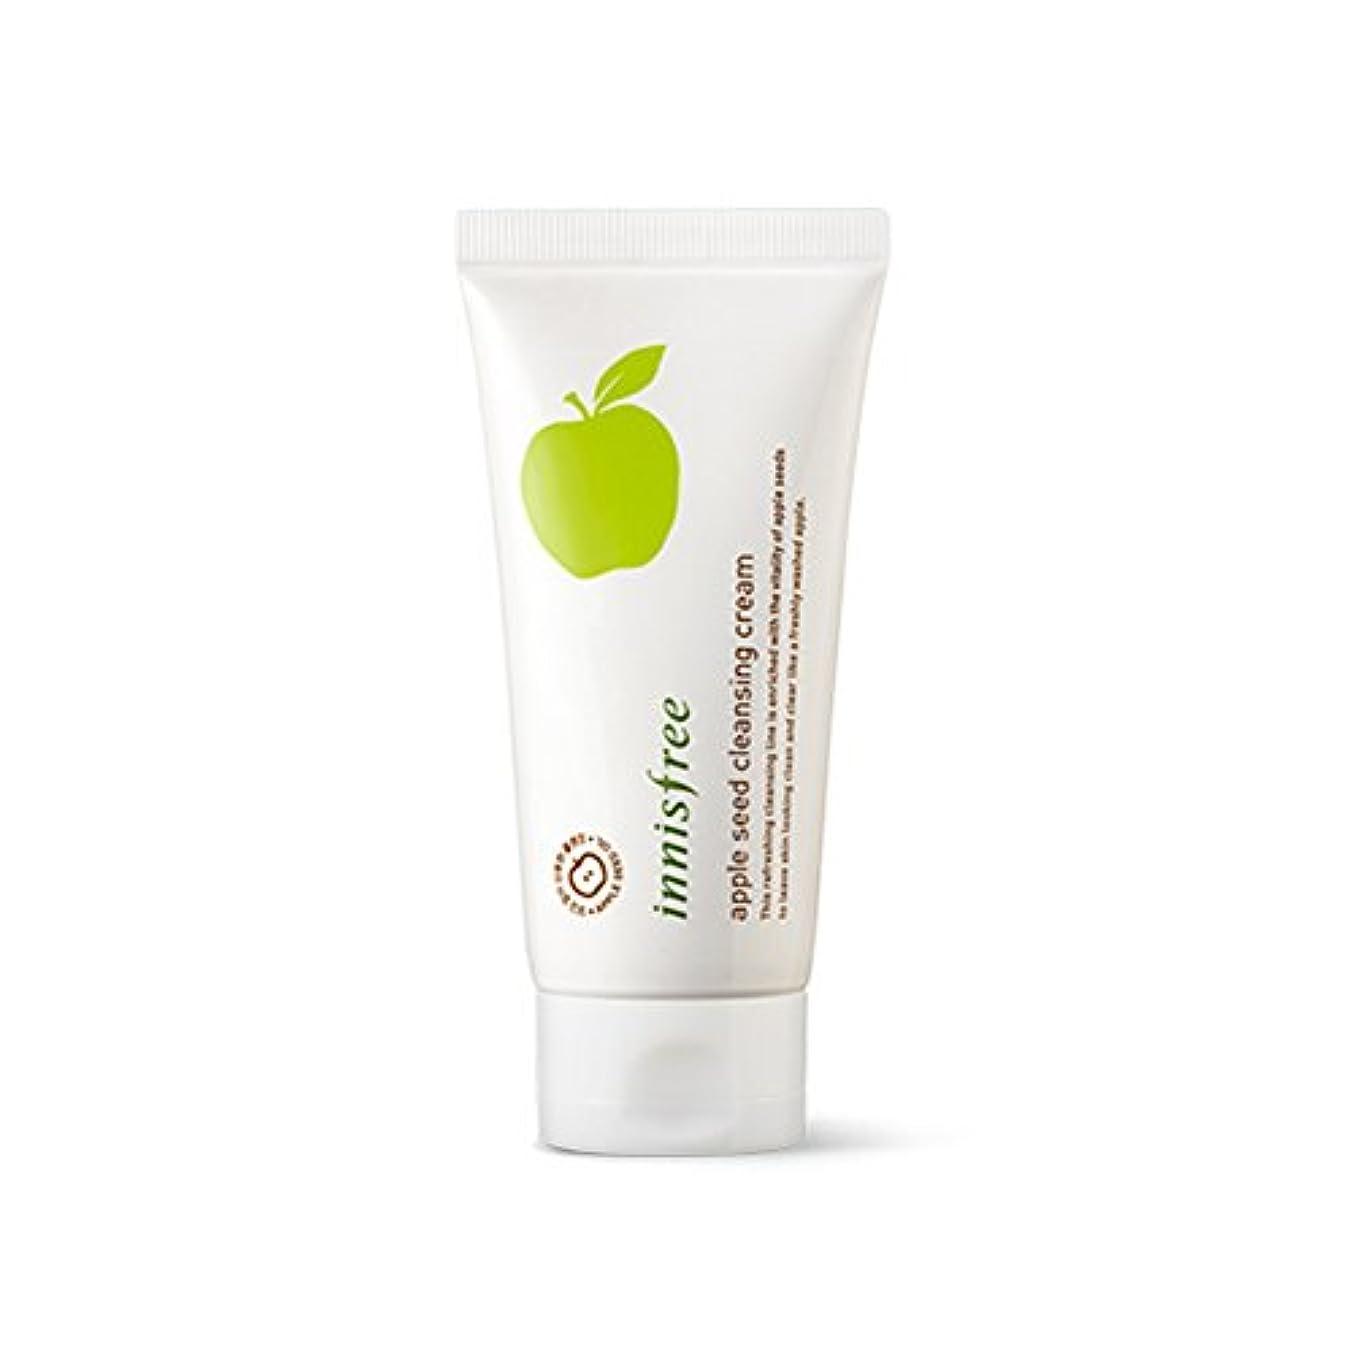 所得頑固な決してイニスフリーアップルシードクレンジングクリーム150ml / Innisfree Apple Seed Cleansing Cream 150ml [海外直送品][並行輸入品]